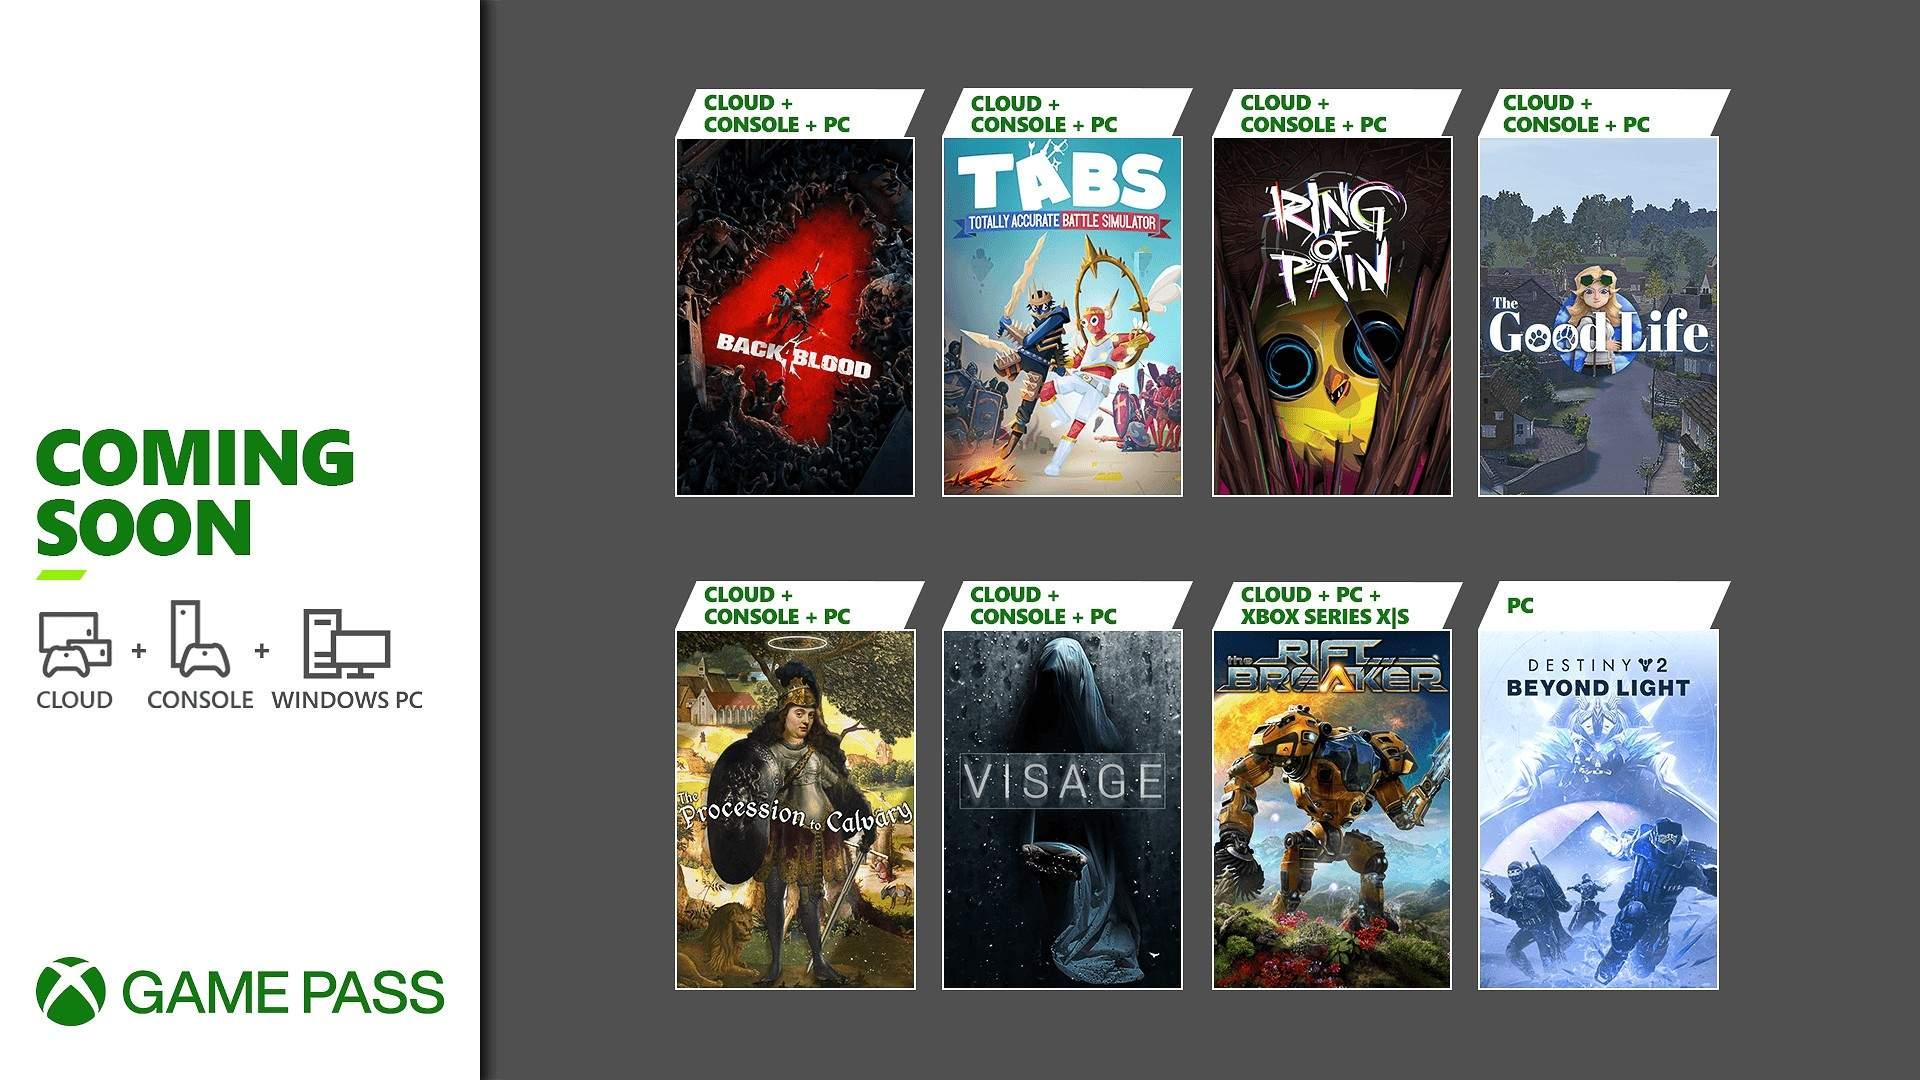 Desvelados los nuevos títulos que llegaran a Xbox Game Pass en la primera mitad de octubre - Ya conocemos los próximos títulos que llegarán a Xbox Game Pass en la primera mitad del mes de octubre para nuestras consolas Xbox, PC y Cloud.